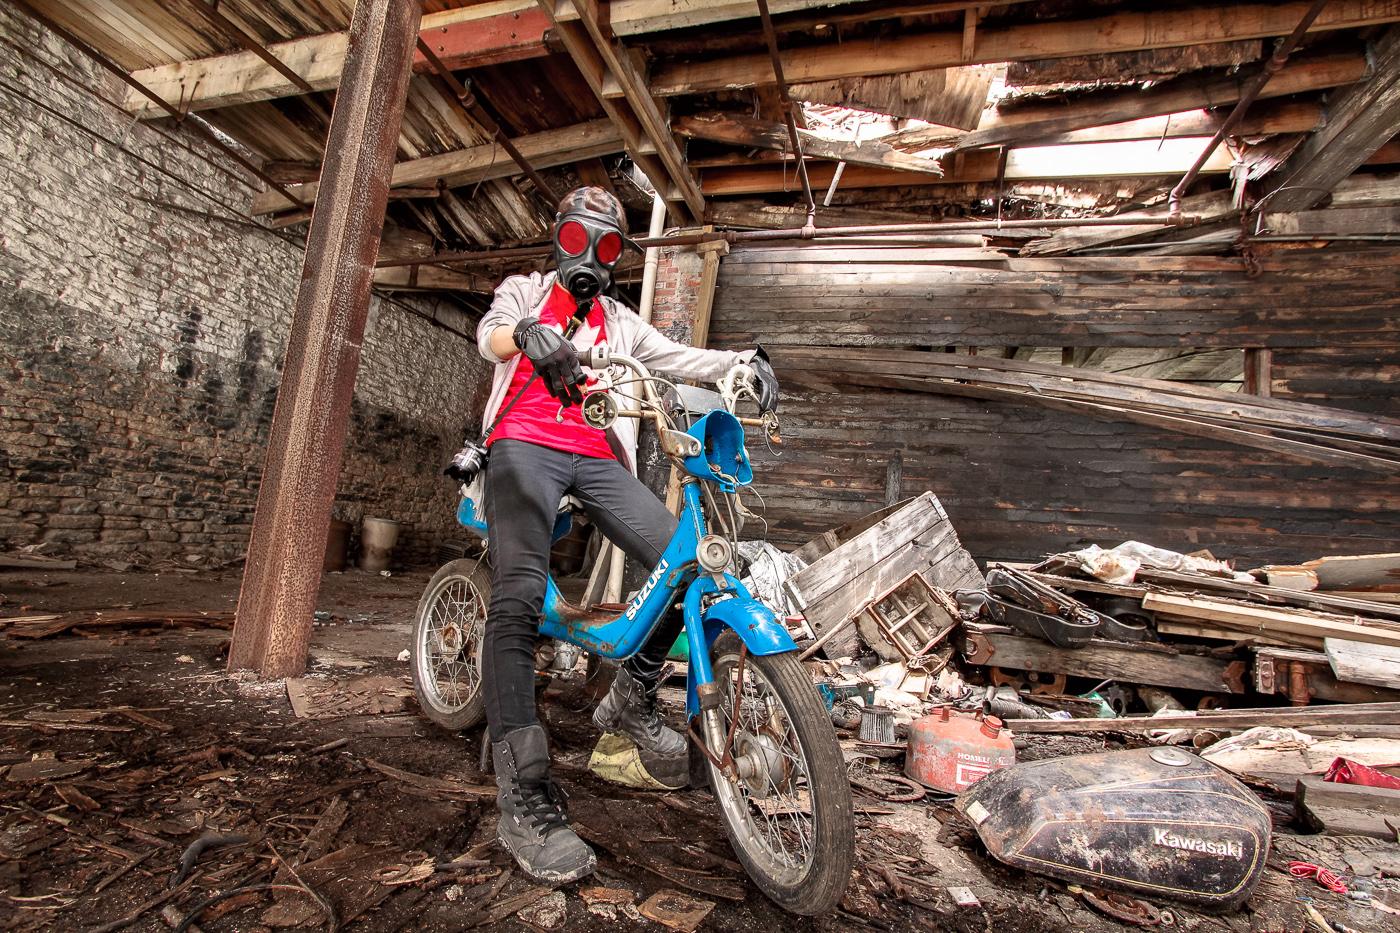 Abandoned Motorcycle Shop  バイクショップの廃墟